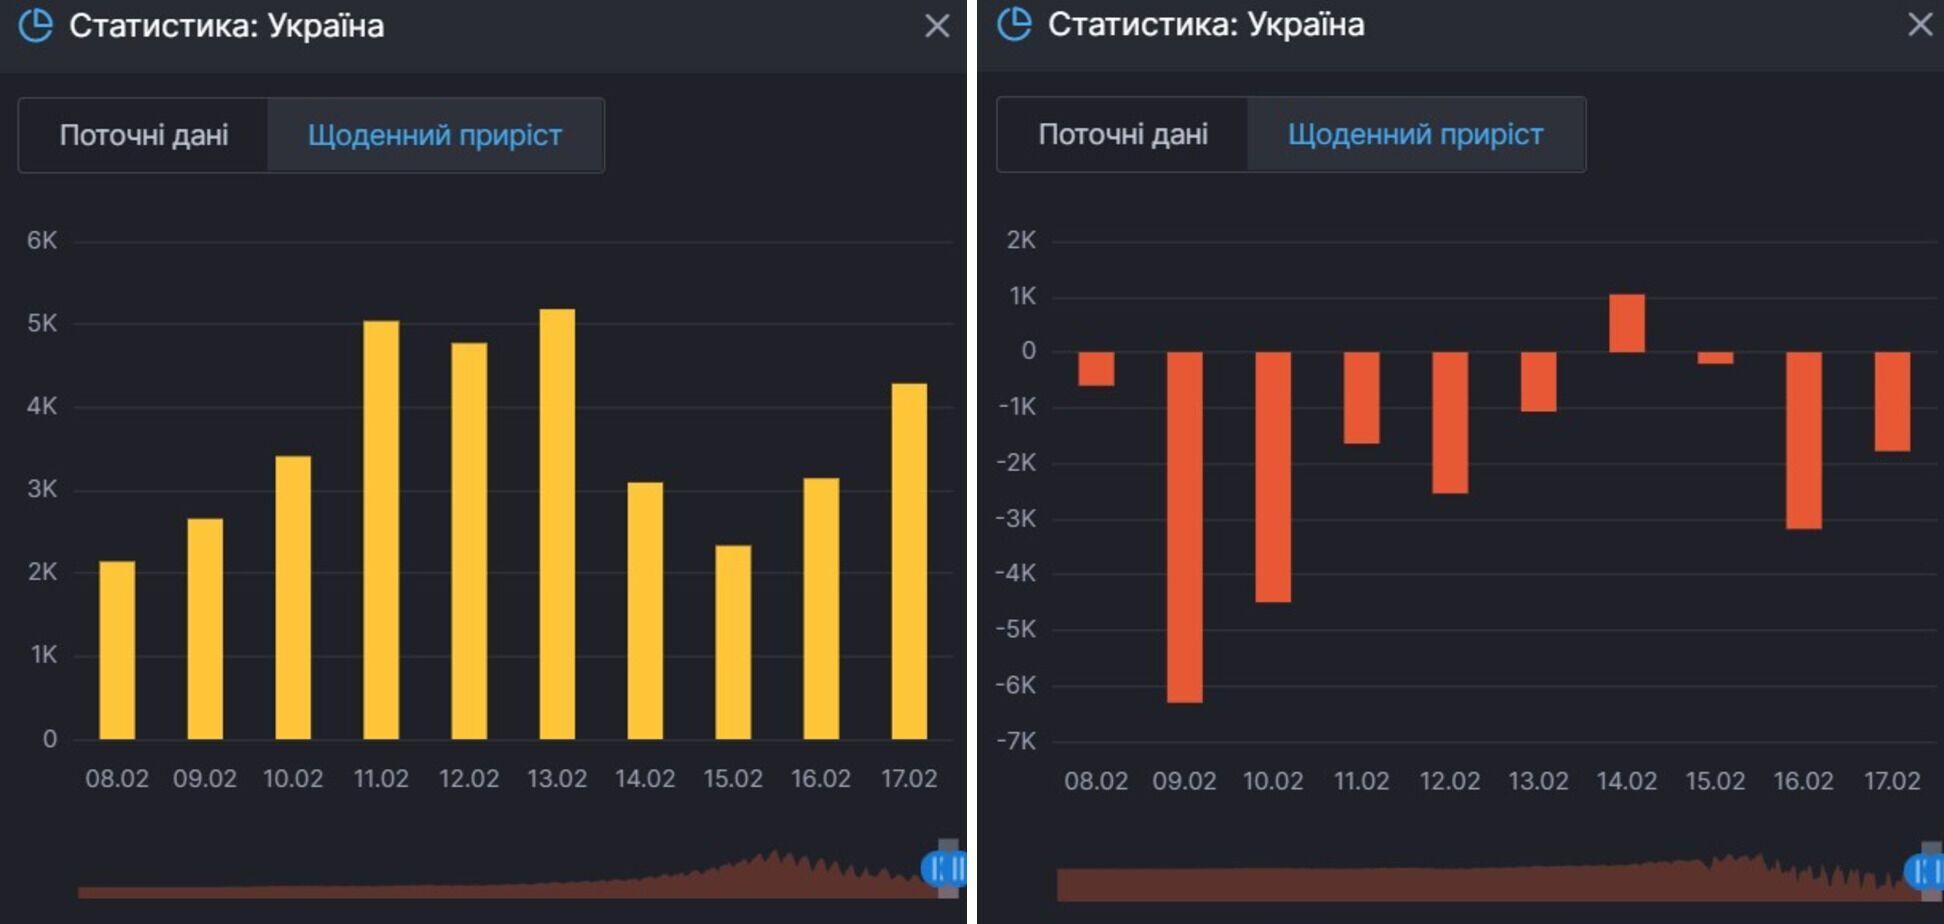 Прирост случаев коронавируса в Украине и данные по количеству человек, которые продолжают болеть